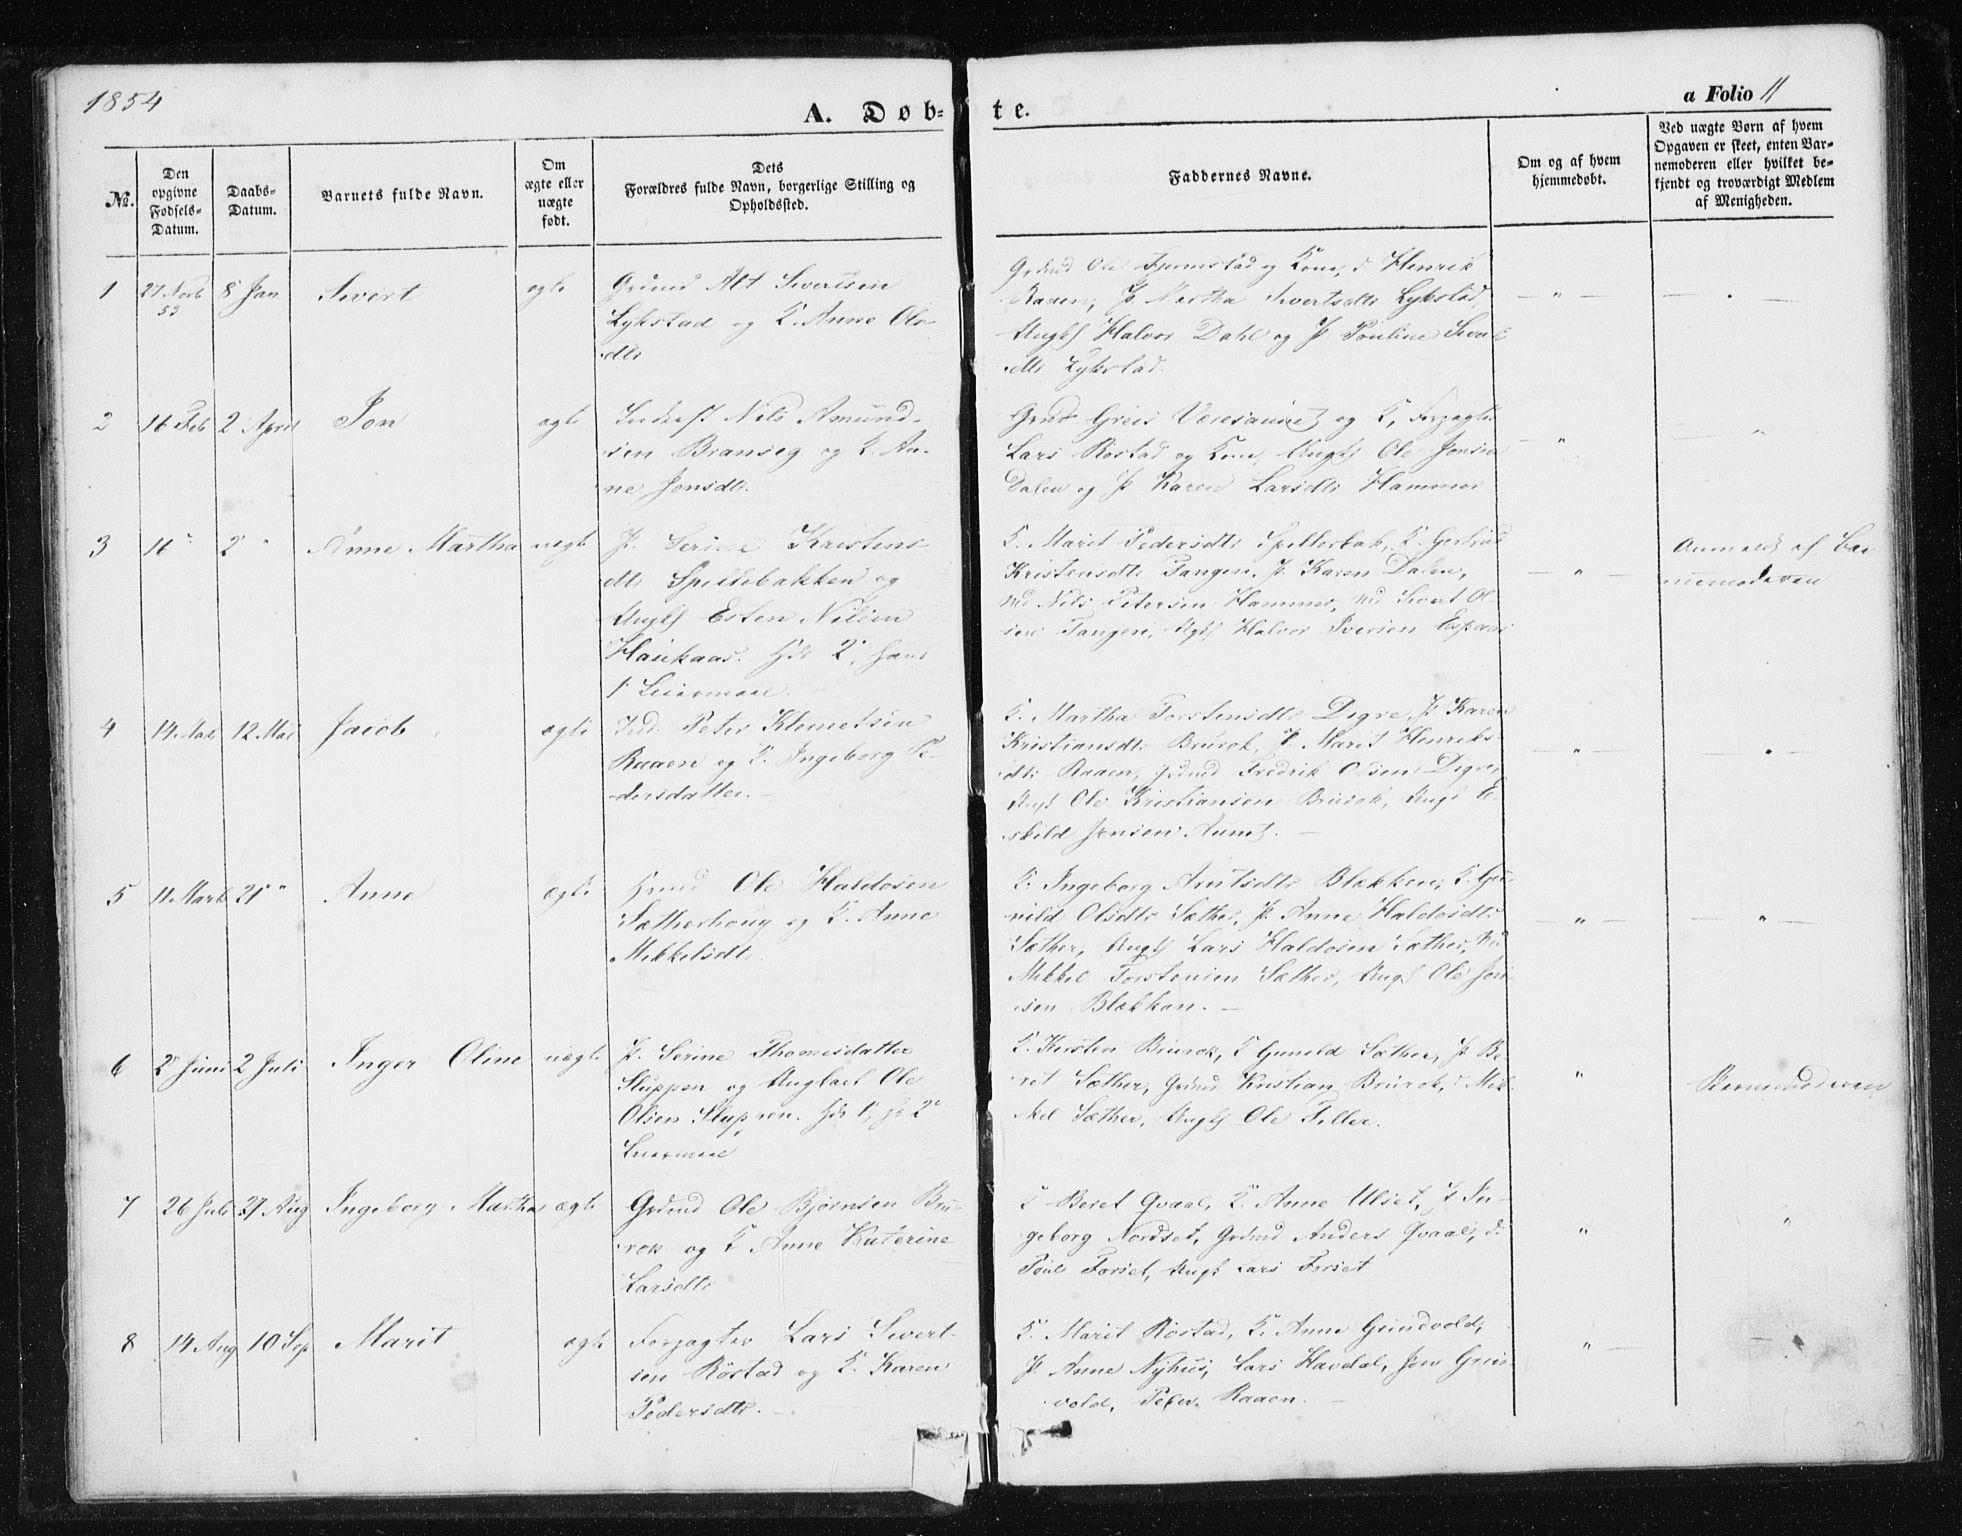 SAT, Ministerialprotokoller, klokkerbøker og fødselsregistre - Sør-Trøndelag, 608/L0332: Ministerialbok nr. 608A01, 1848-1861, s. 11